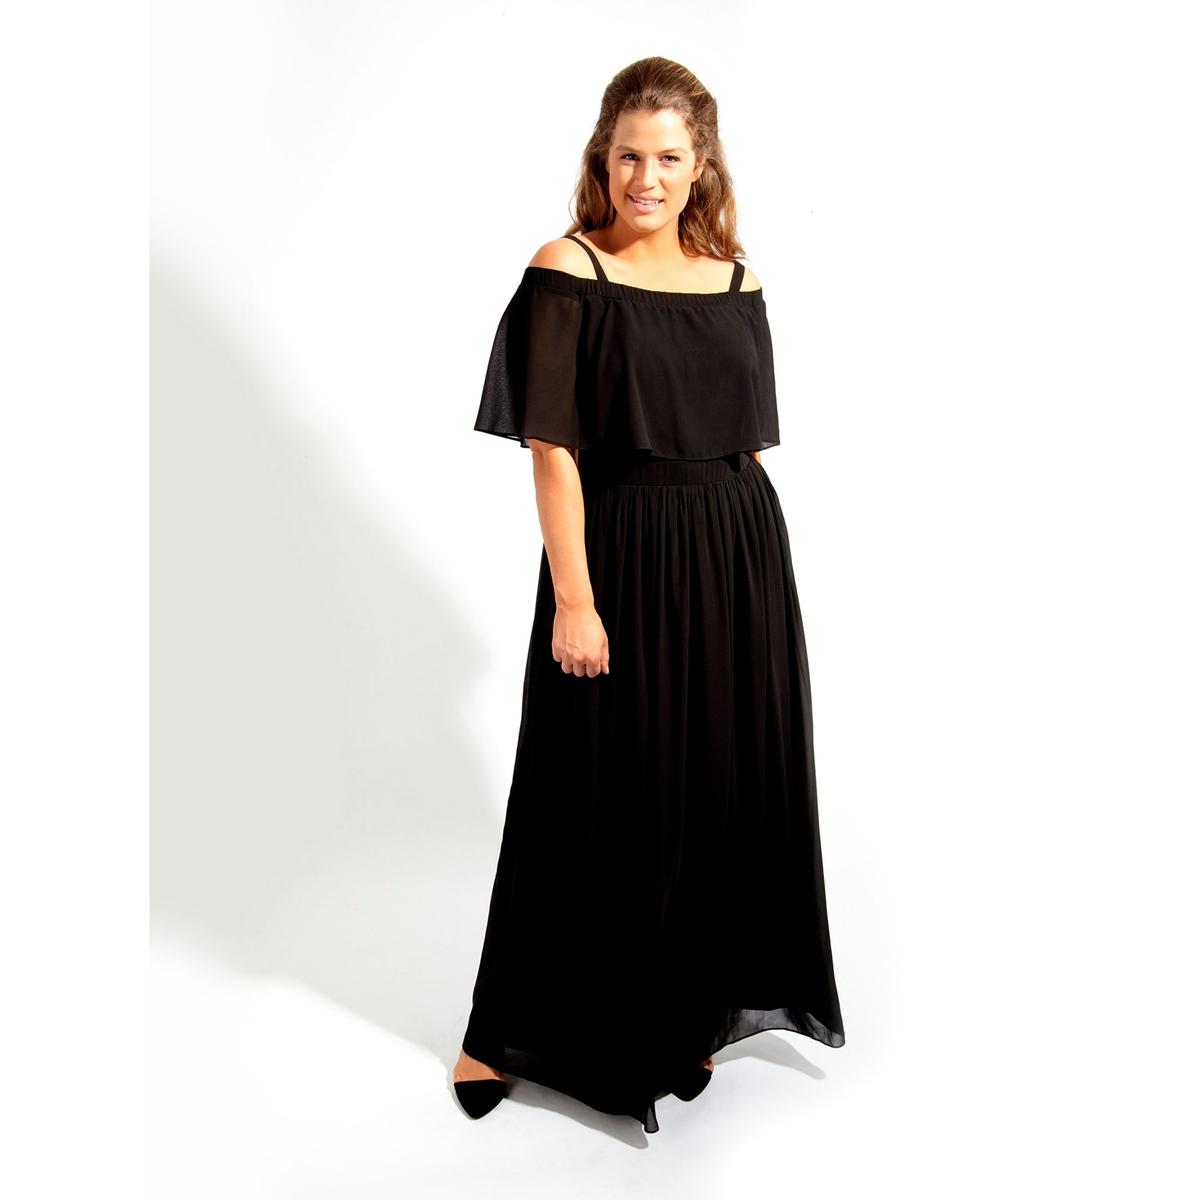 ПлатьеПлатье длинное KOKO BY KOKO. Платье макси с красивым вырезом бардо. 100% полиэстер<br><br>Цвет: черный